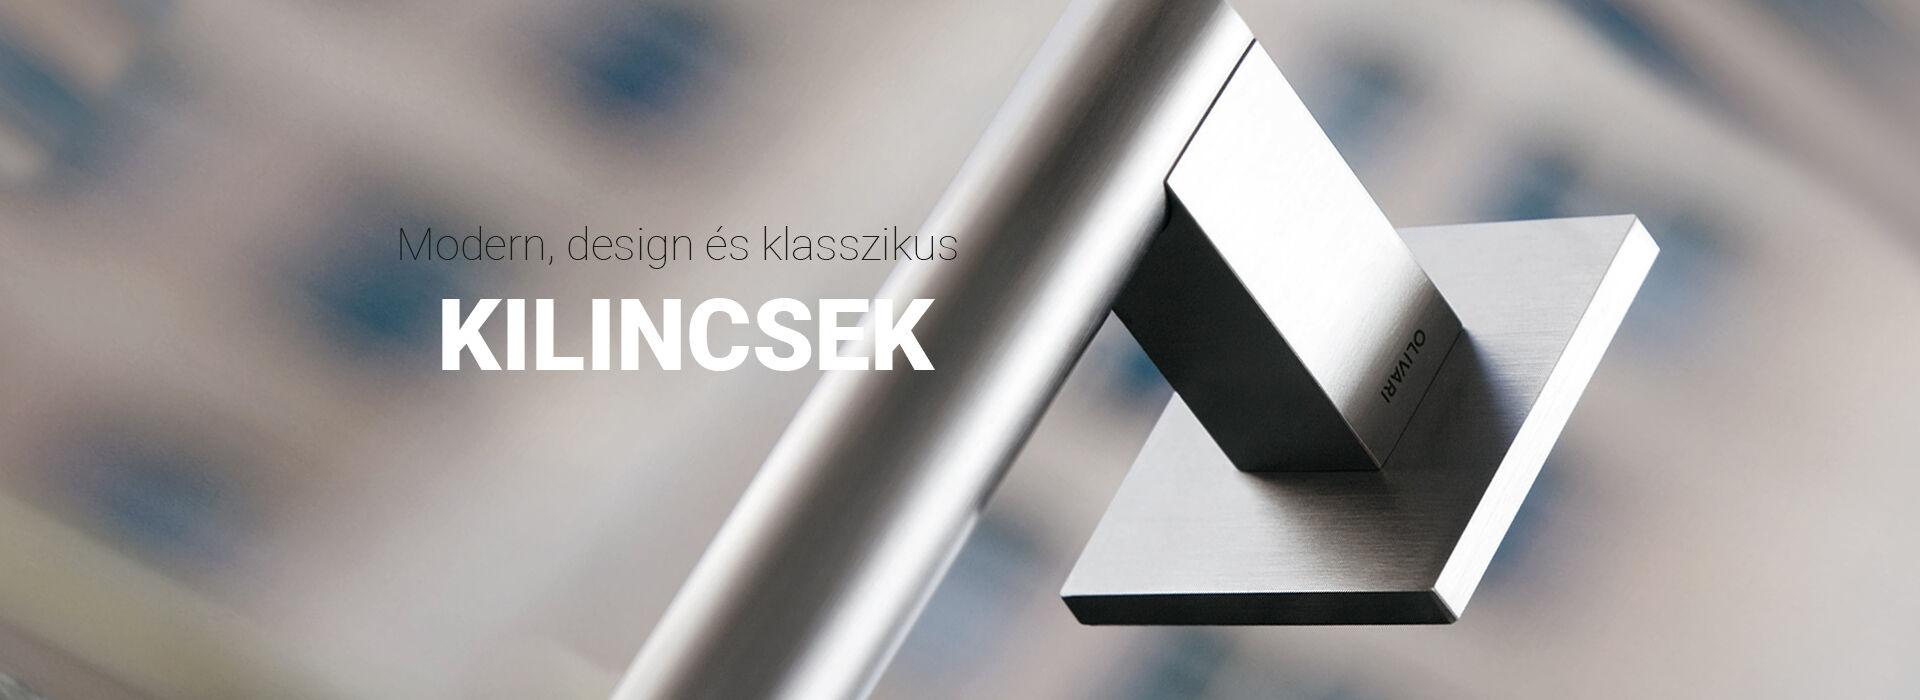 Kilincsek-2